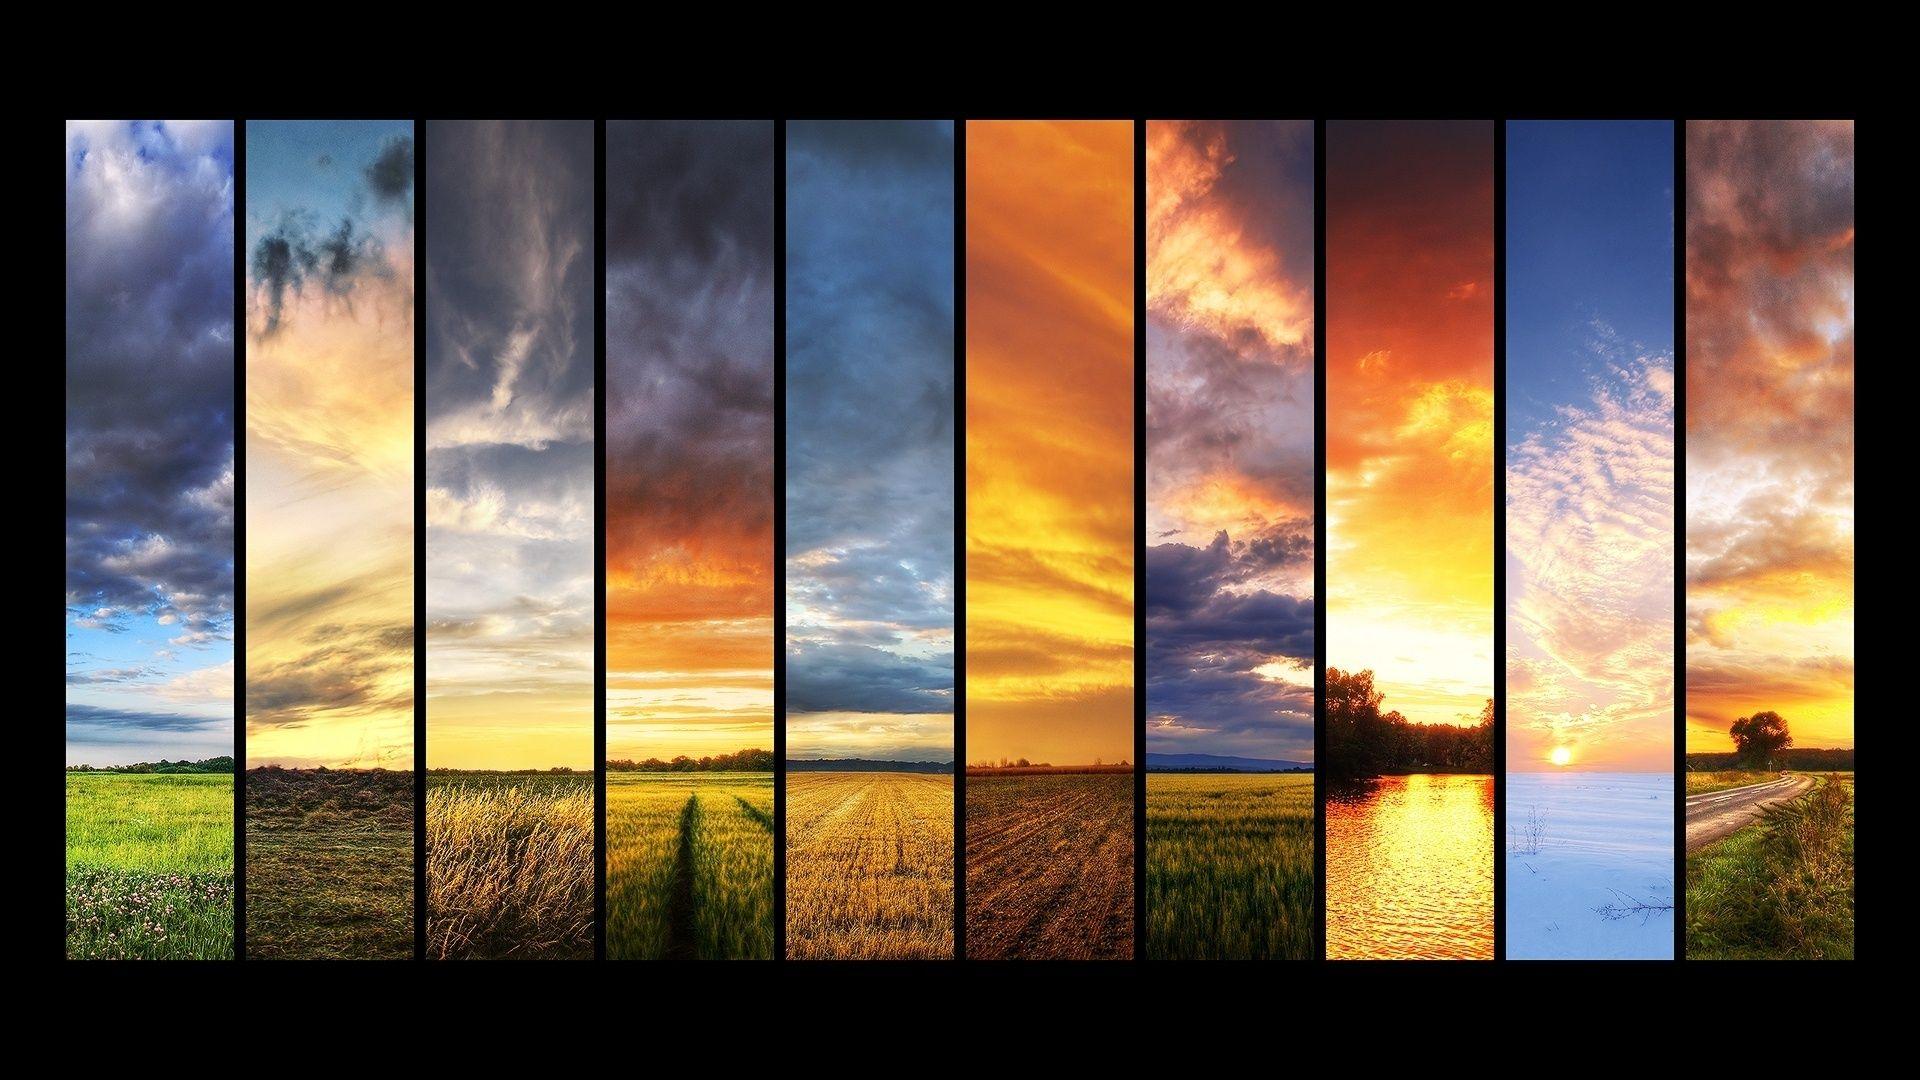 Seasons Wallpaper Collage Spring Winter Autumn Summer Sun Sky Clouds Grass Jpg 1920 1080 Landscape Pictures Landscape Wallpaper Sunset Landscape